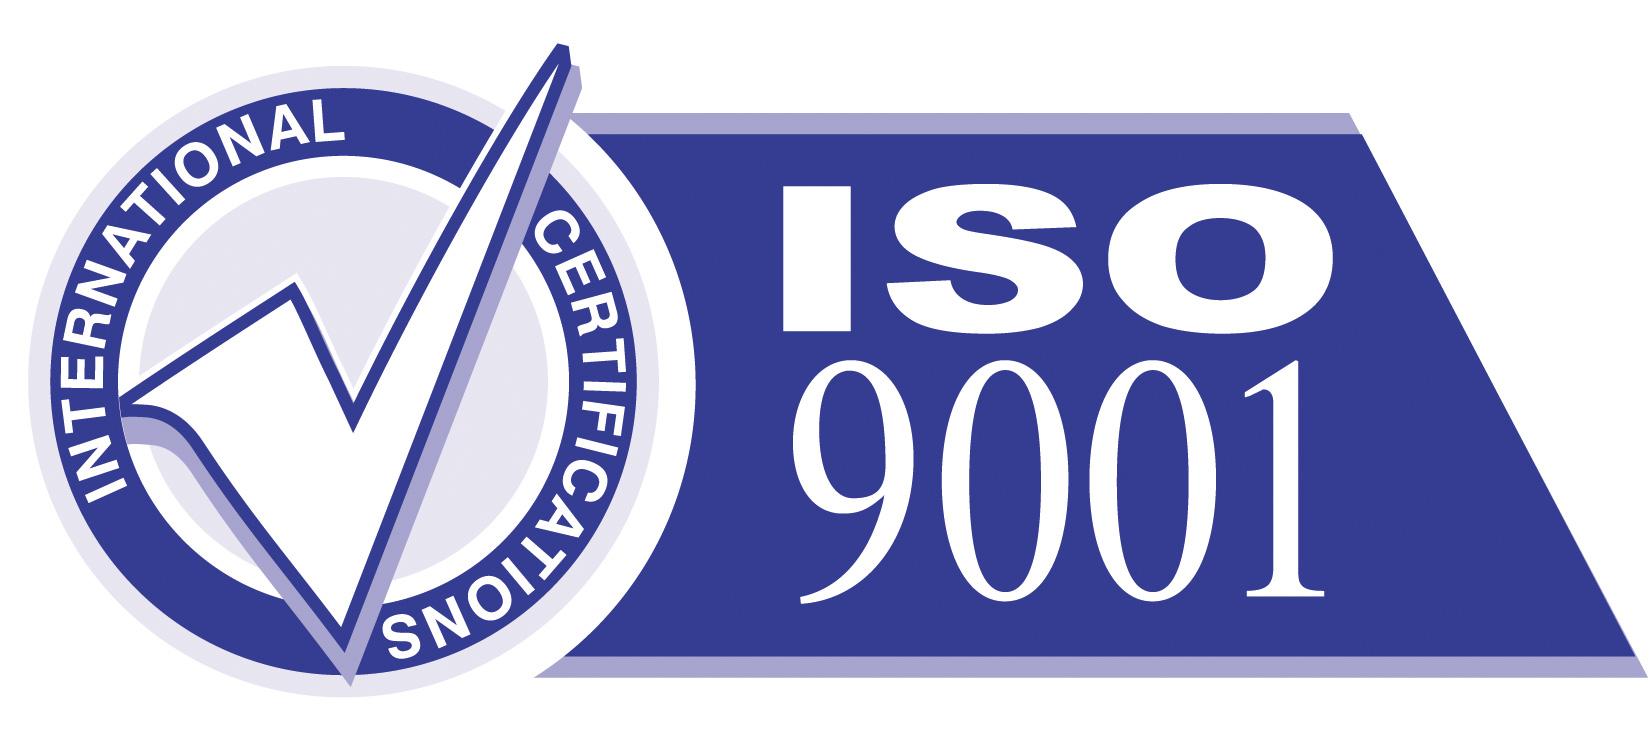 получить Гост ИСО 9001 в Кингисеппе